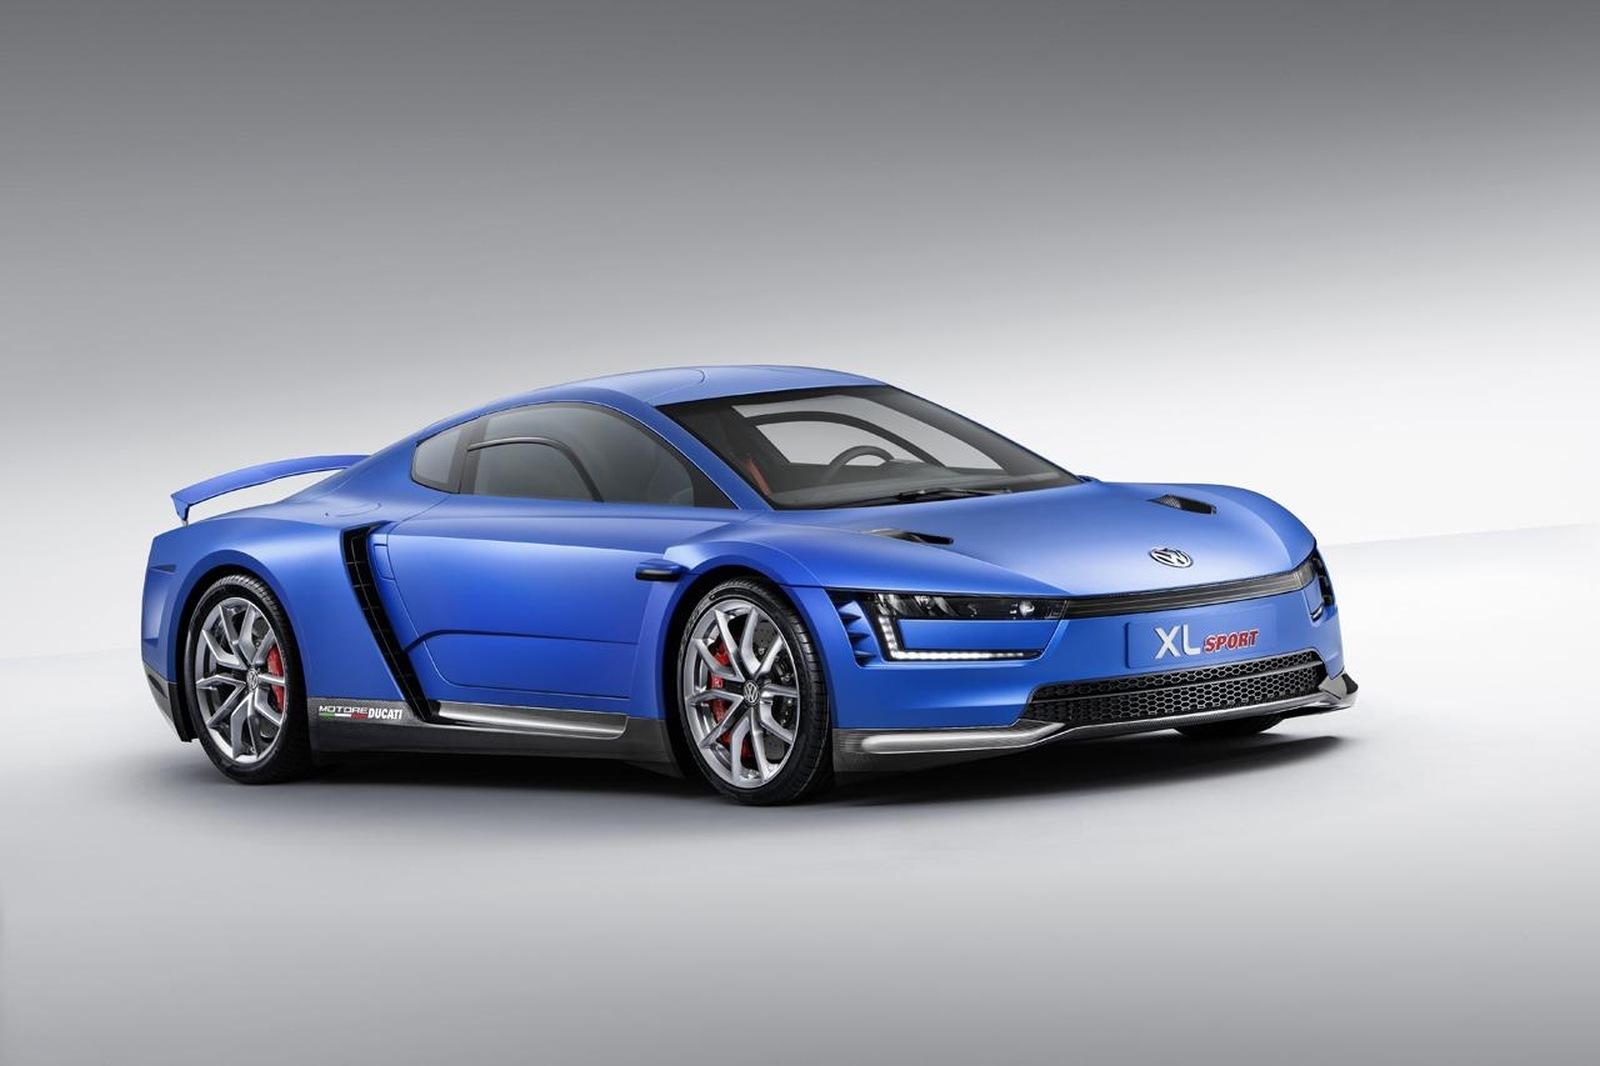 Volkswagen XL Sport Concept 2014 10